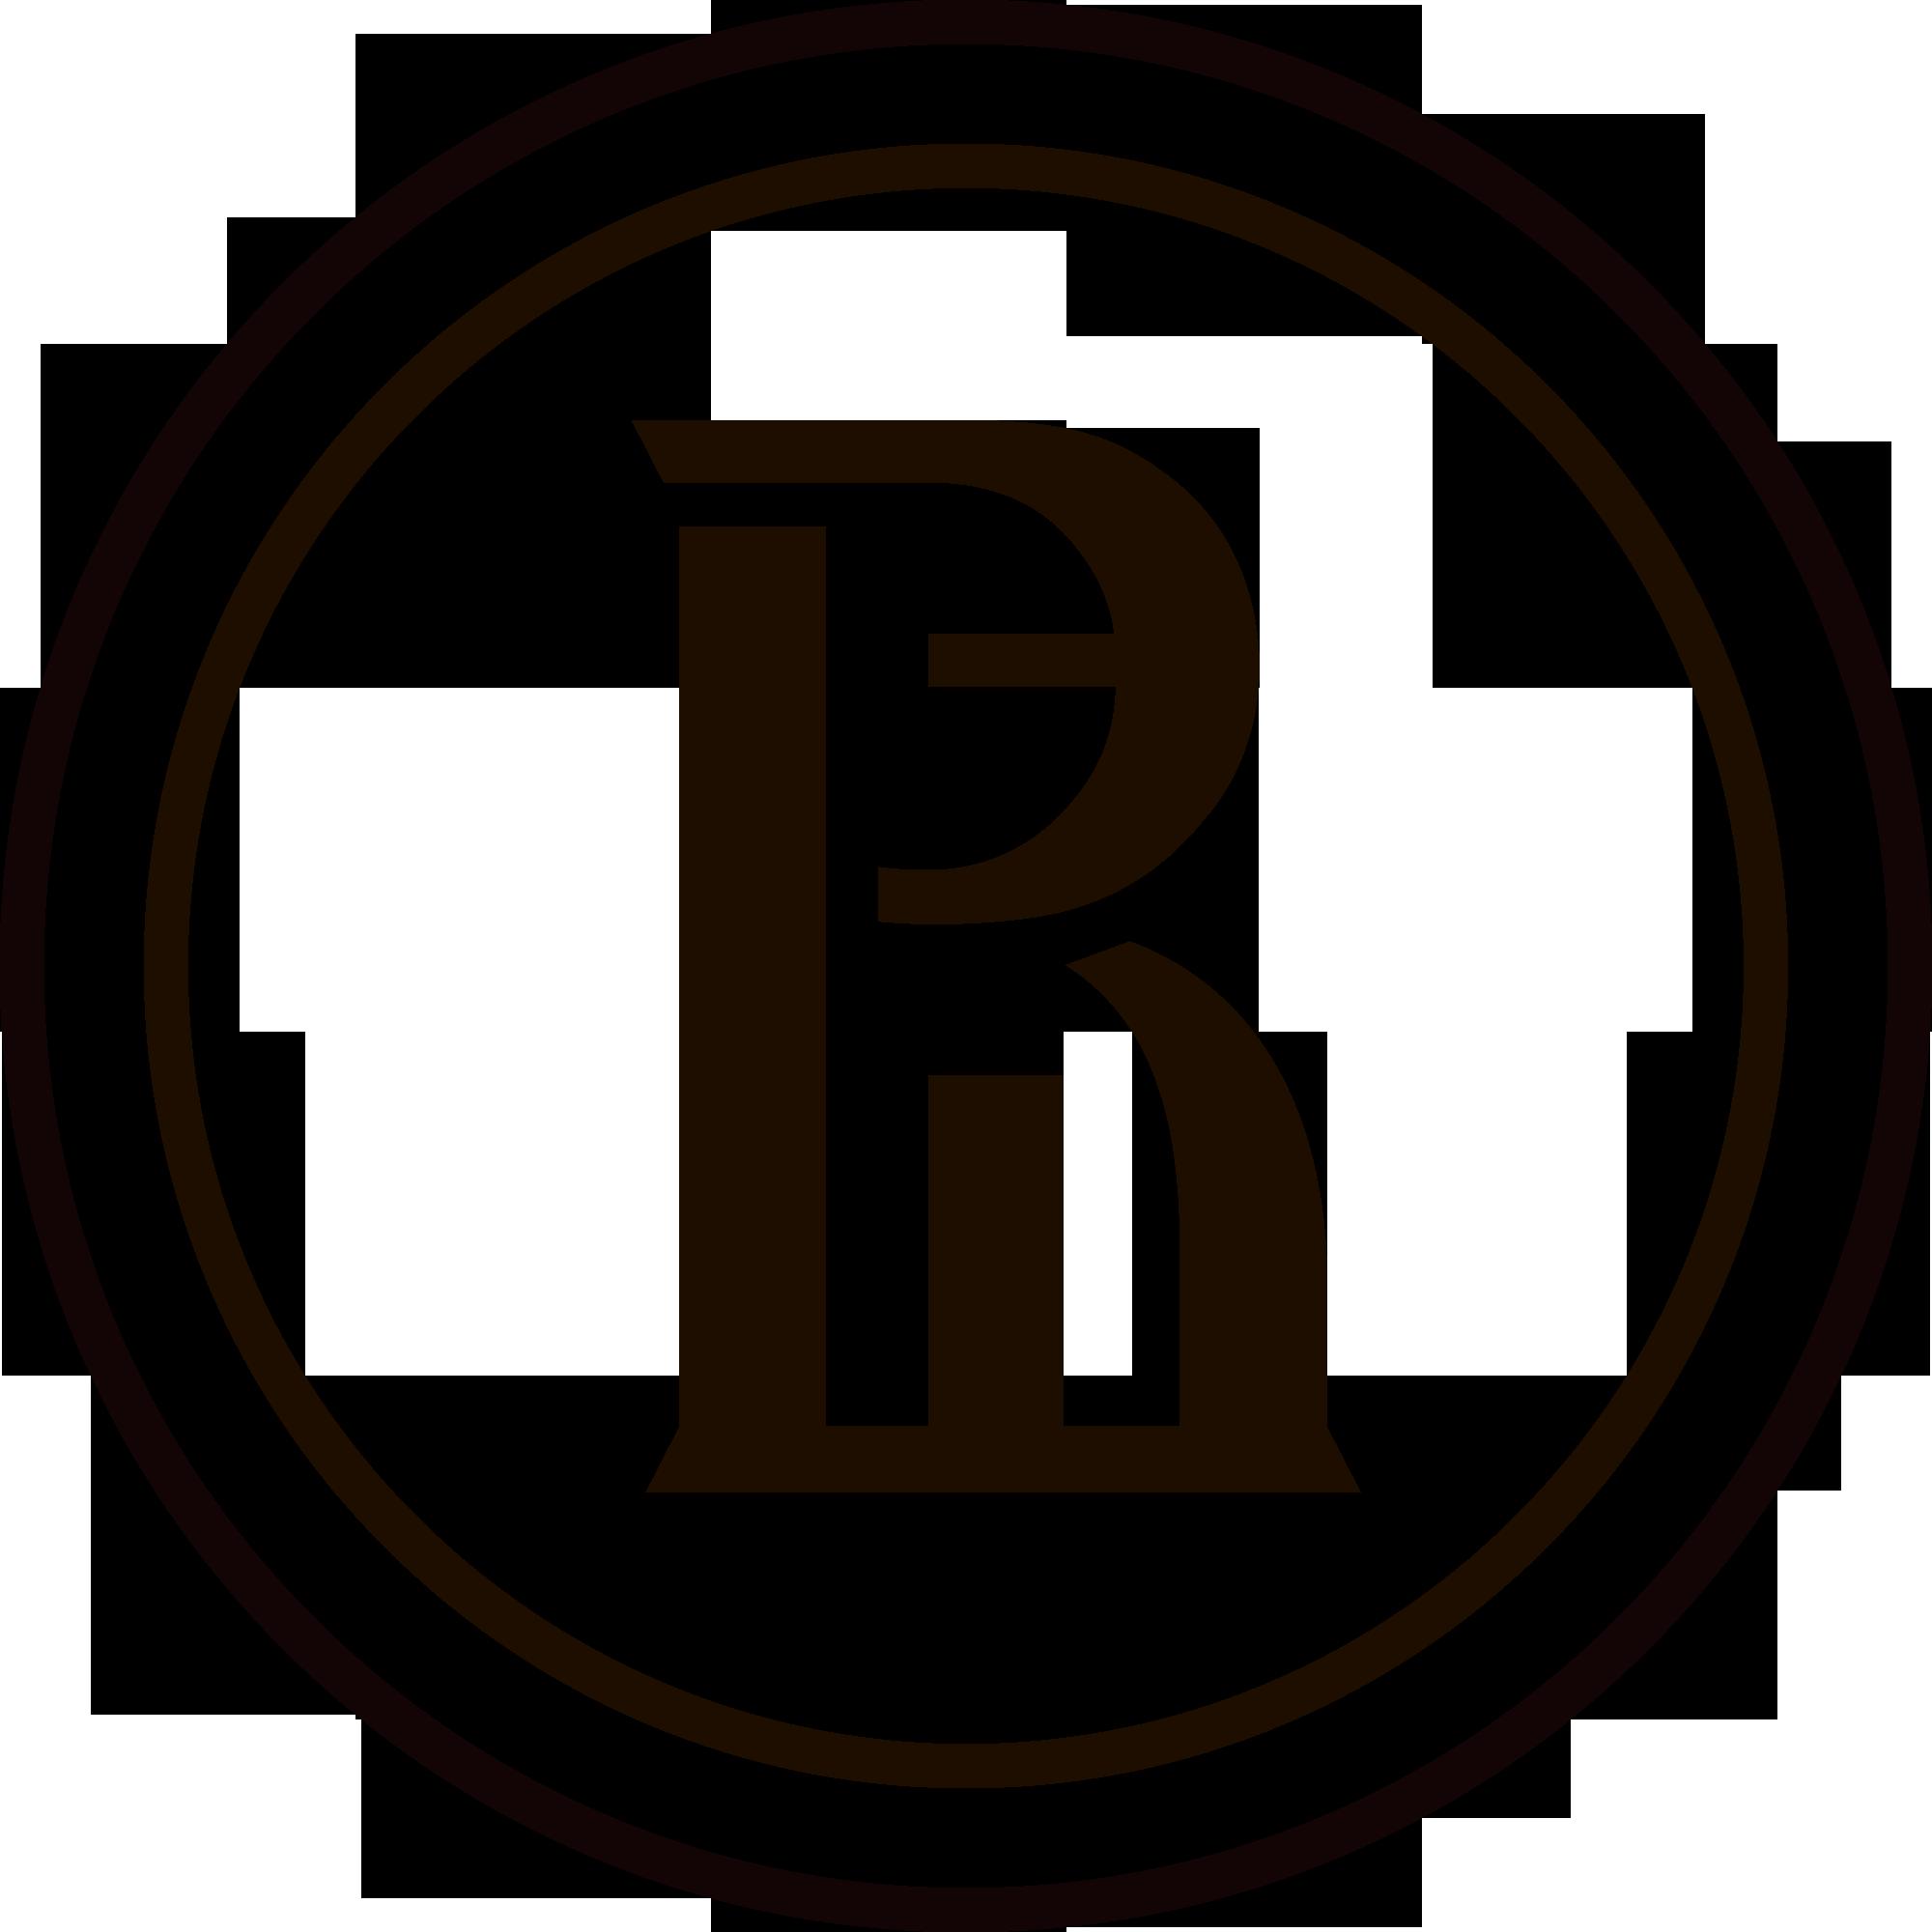 эмблема высшей школы экономики